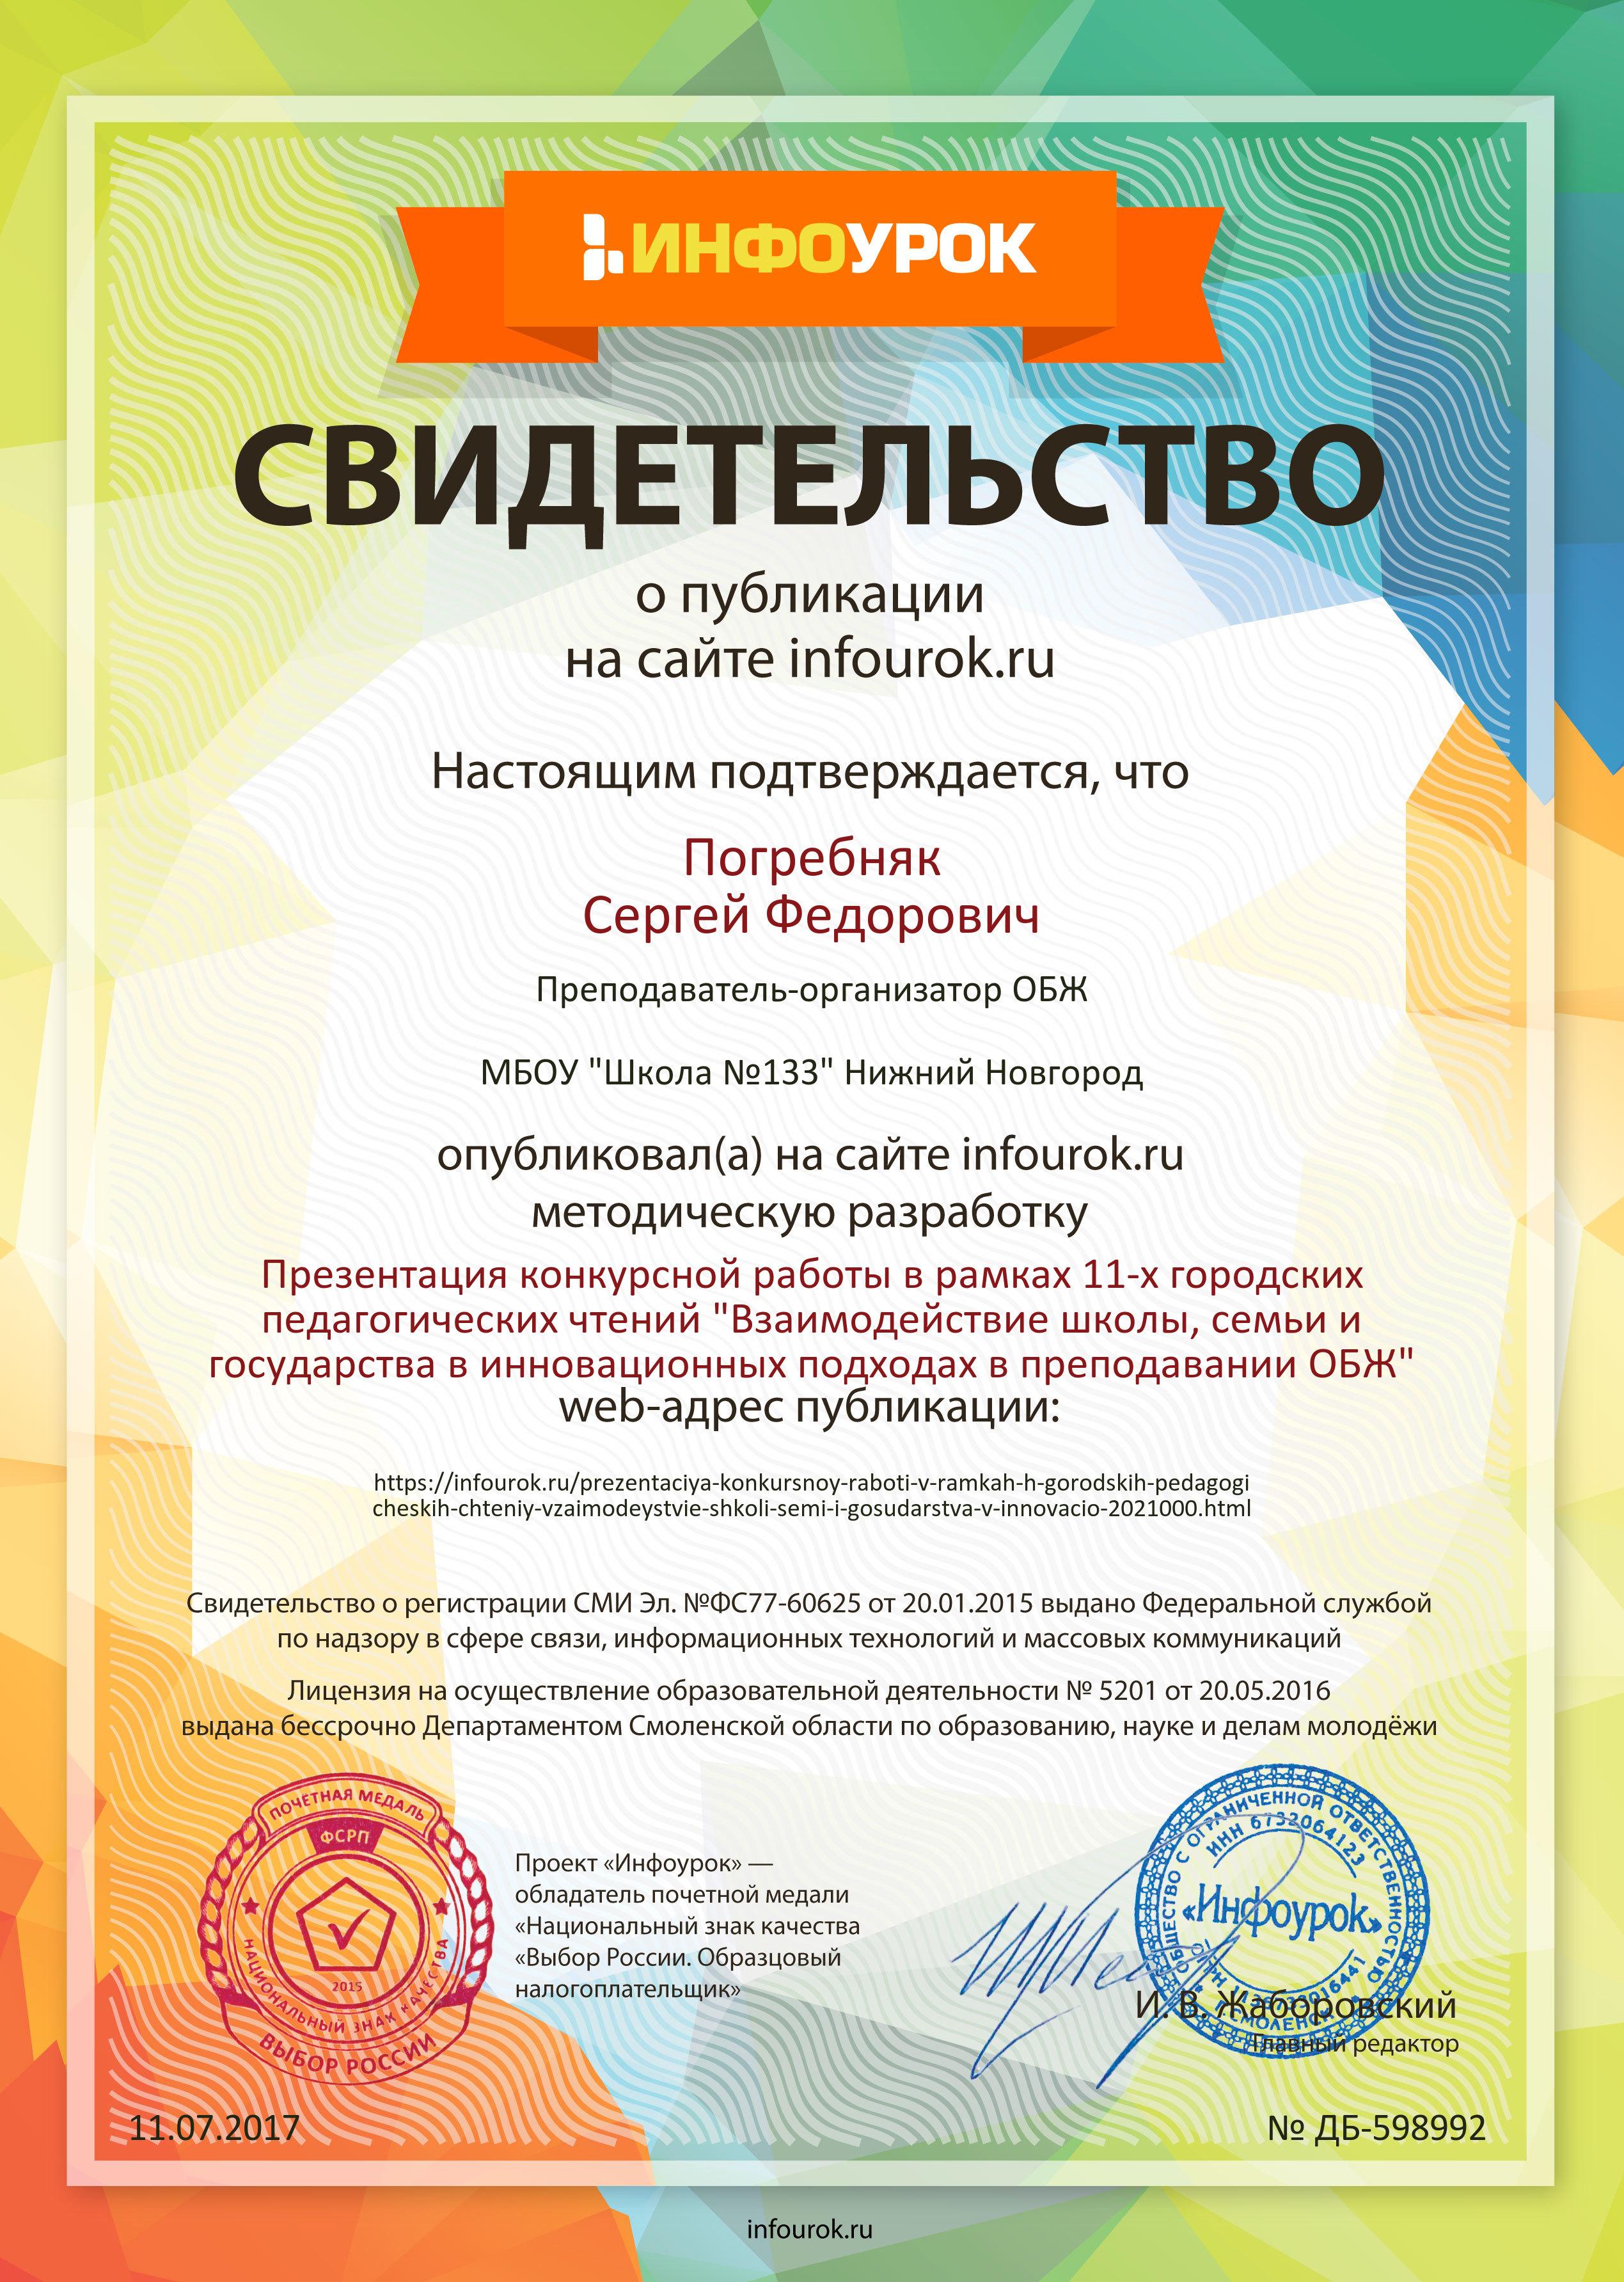 Свидетельство проекта infourok.ru №598992.jpg